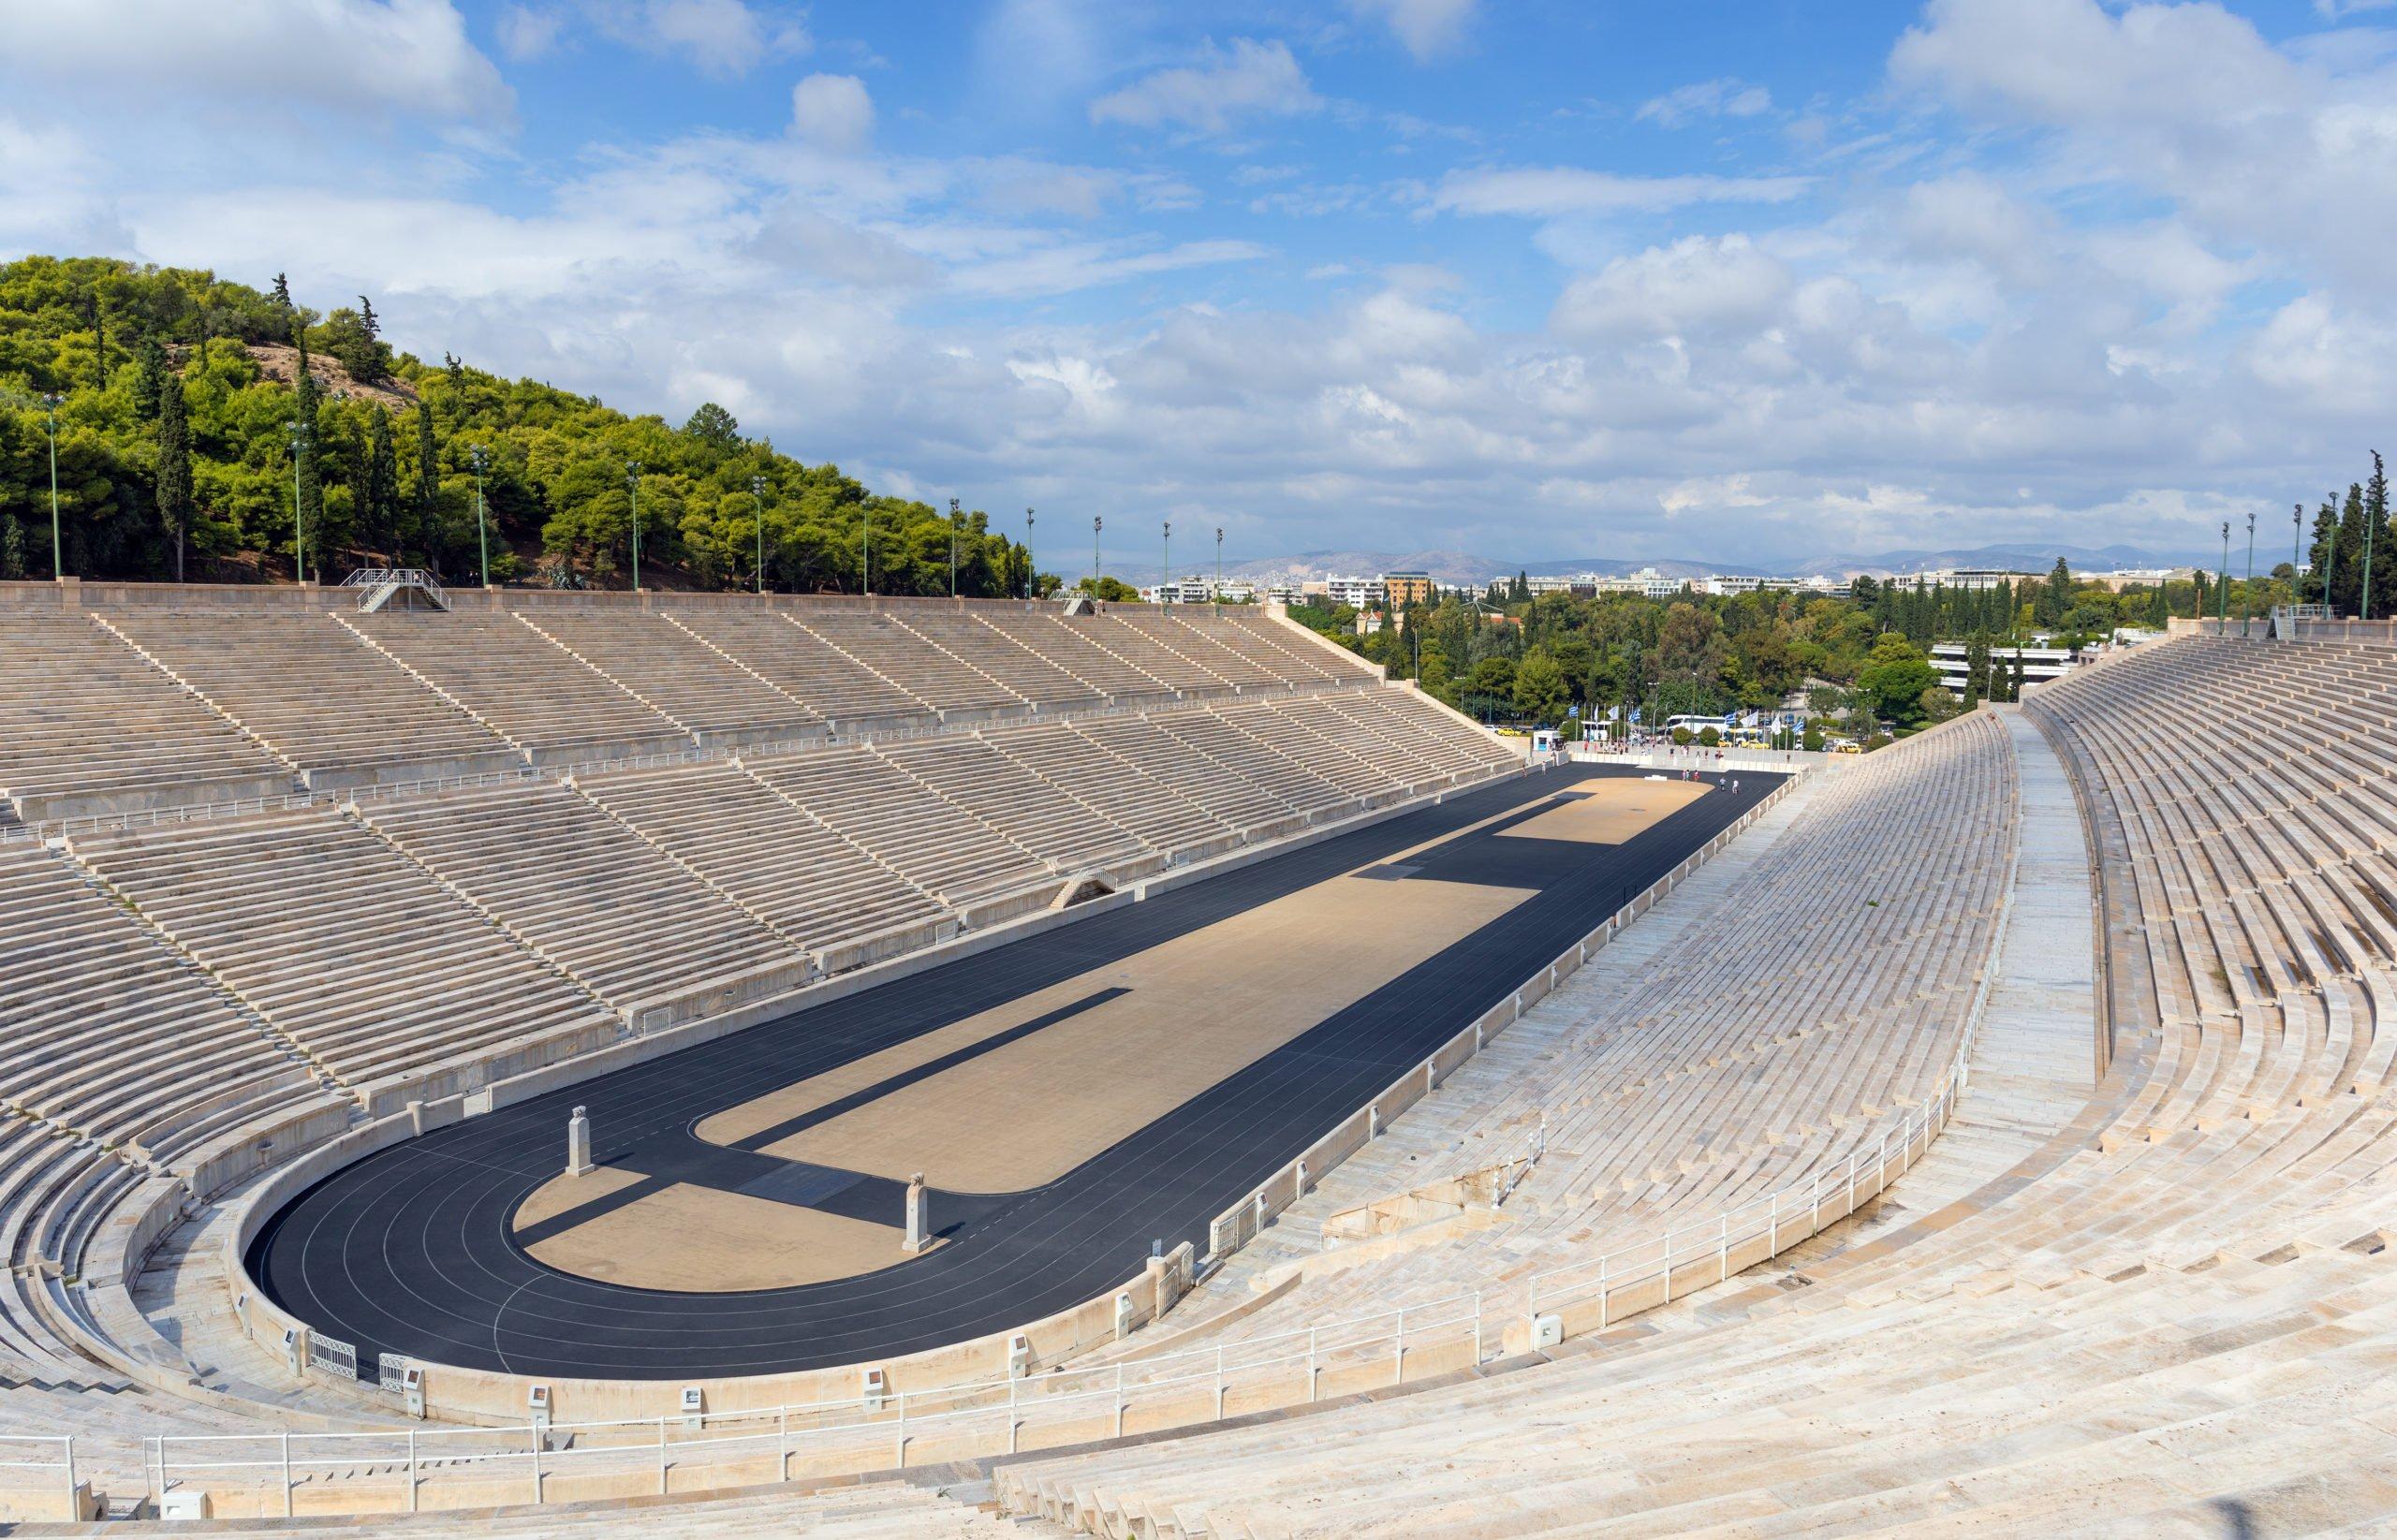 Explore The Panathenaic Stadium On The Athens E-bike Tour